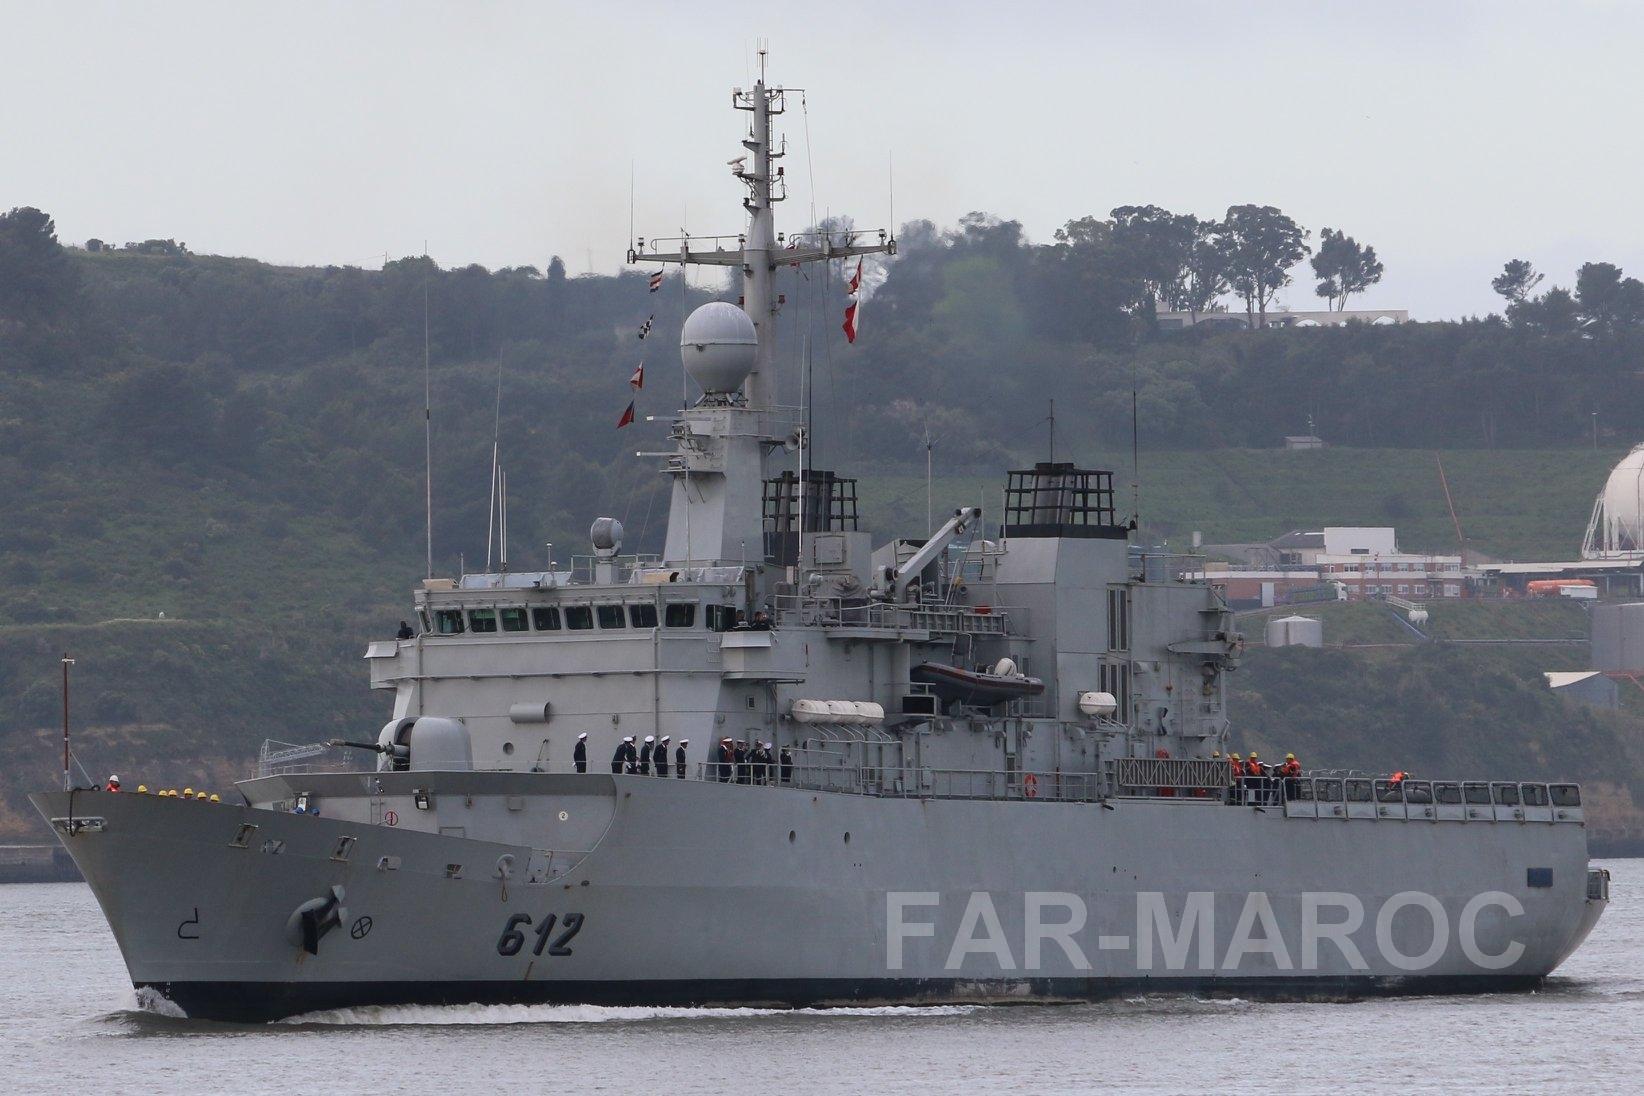 Royal Moroccan Navy Floréal Frigates / Frégates Floréal Marocaines - Page 14 47591904422_fea2697abc_o